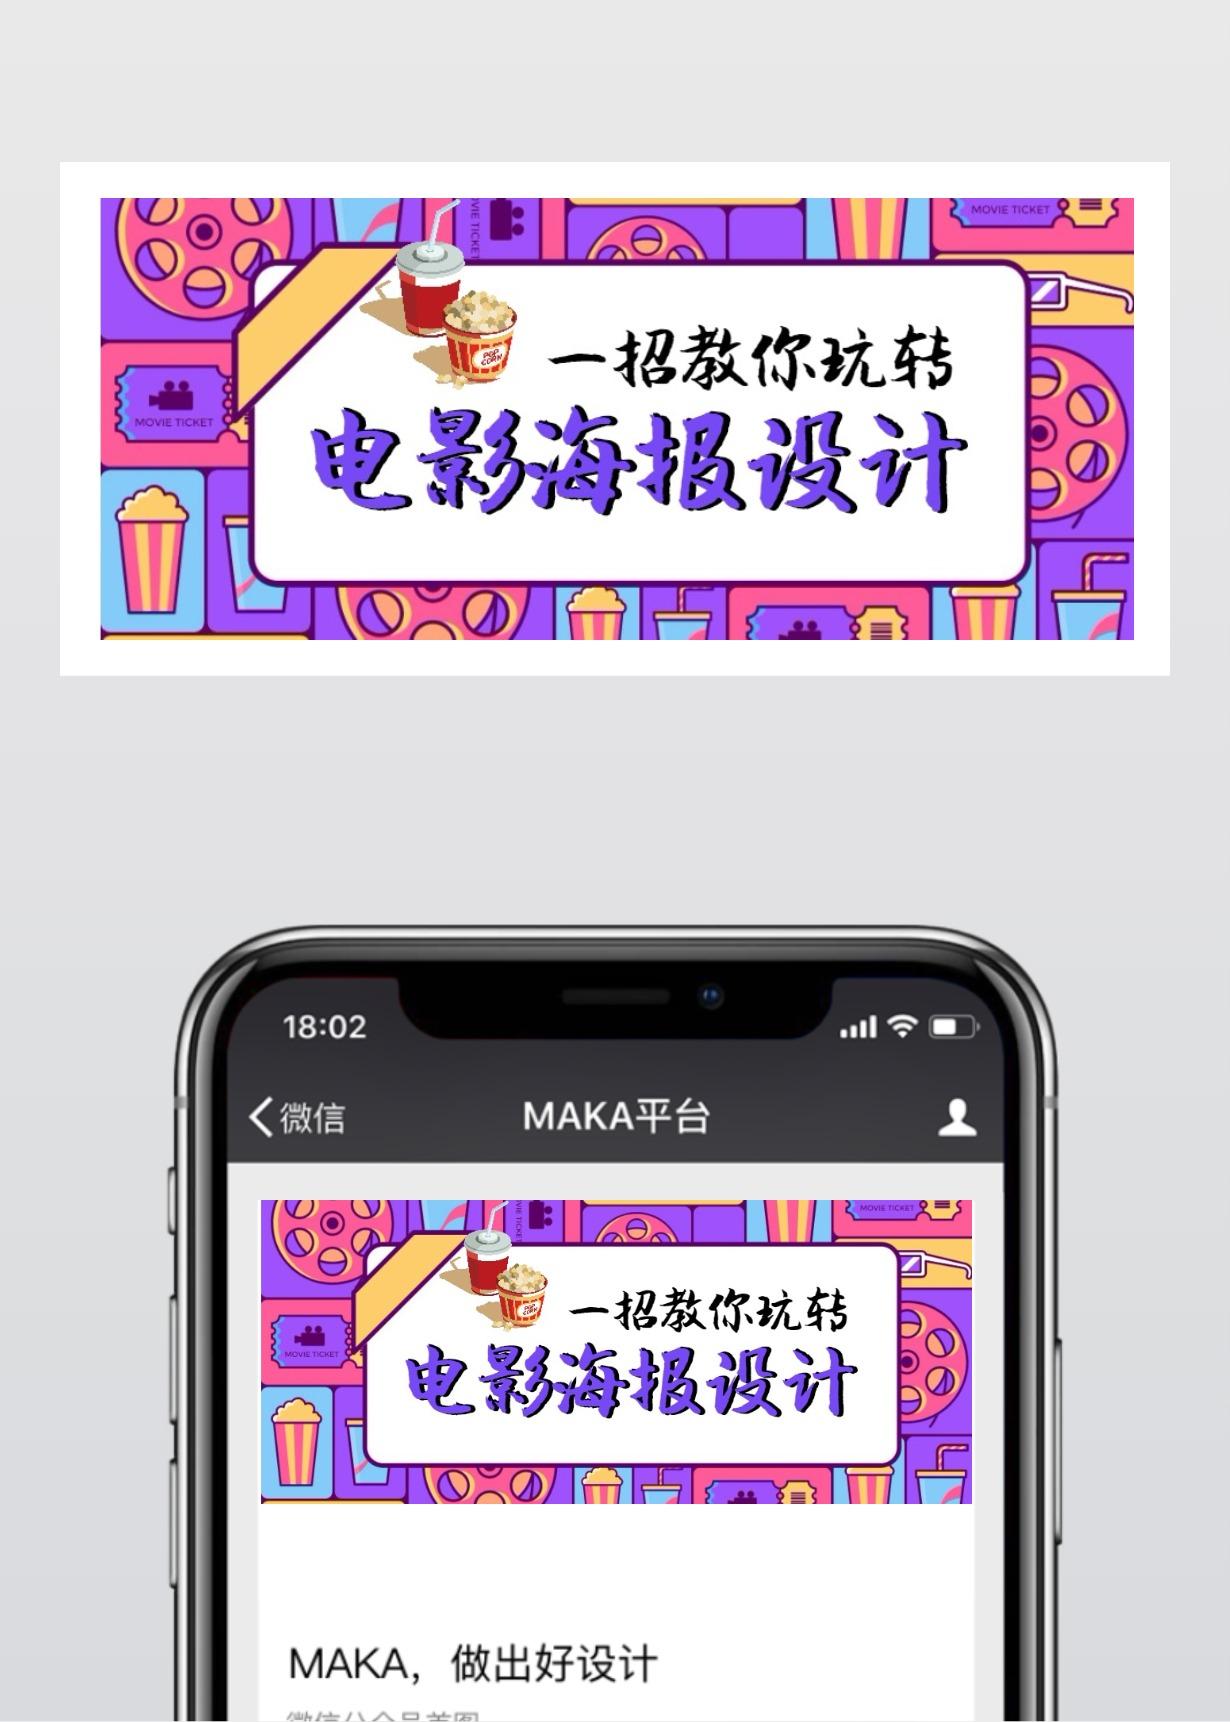 电影海报设计餐饮娱乐电影微信公众号封面头图